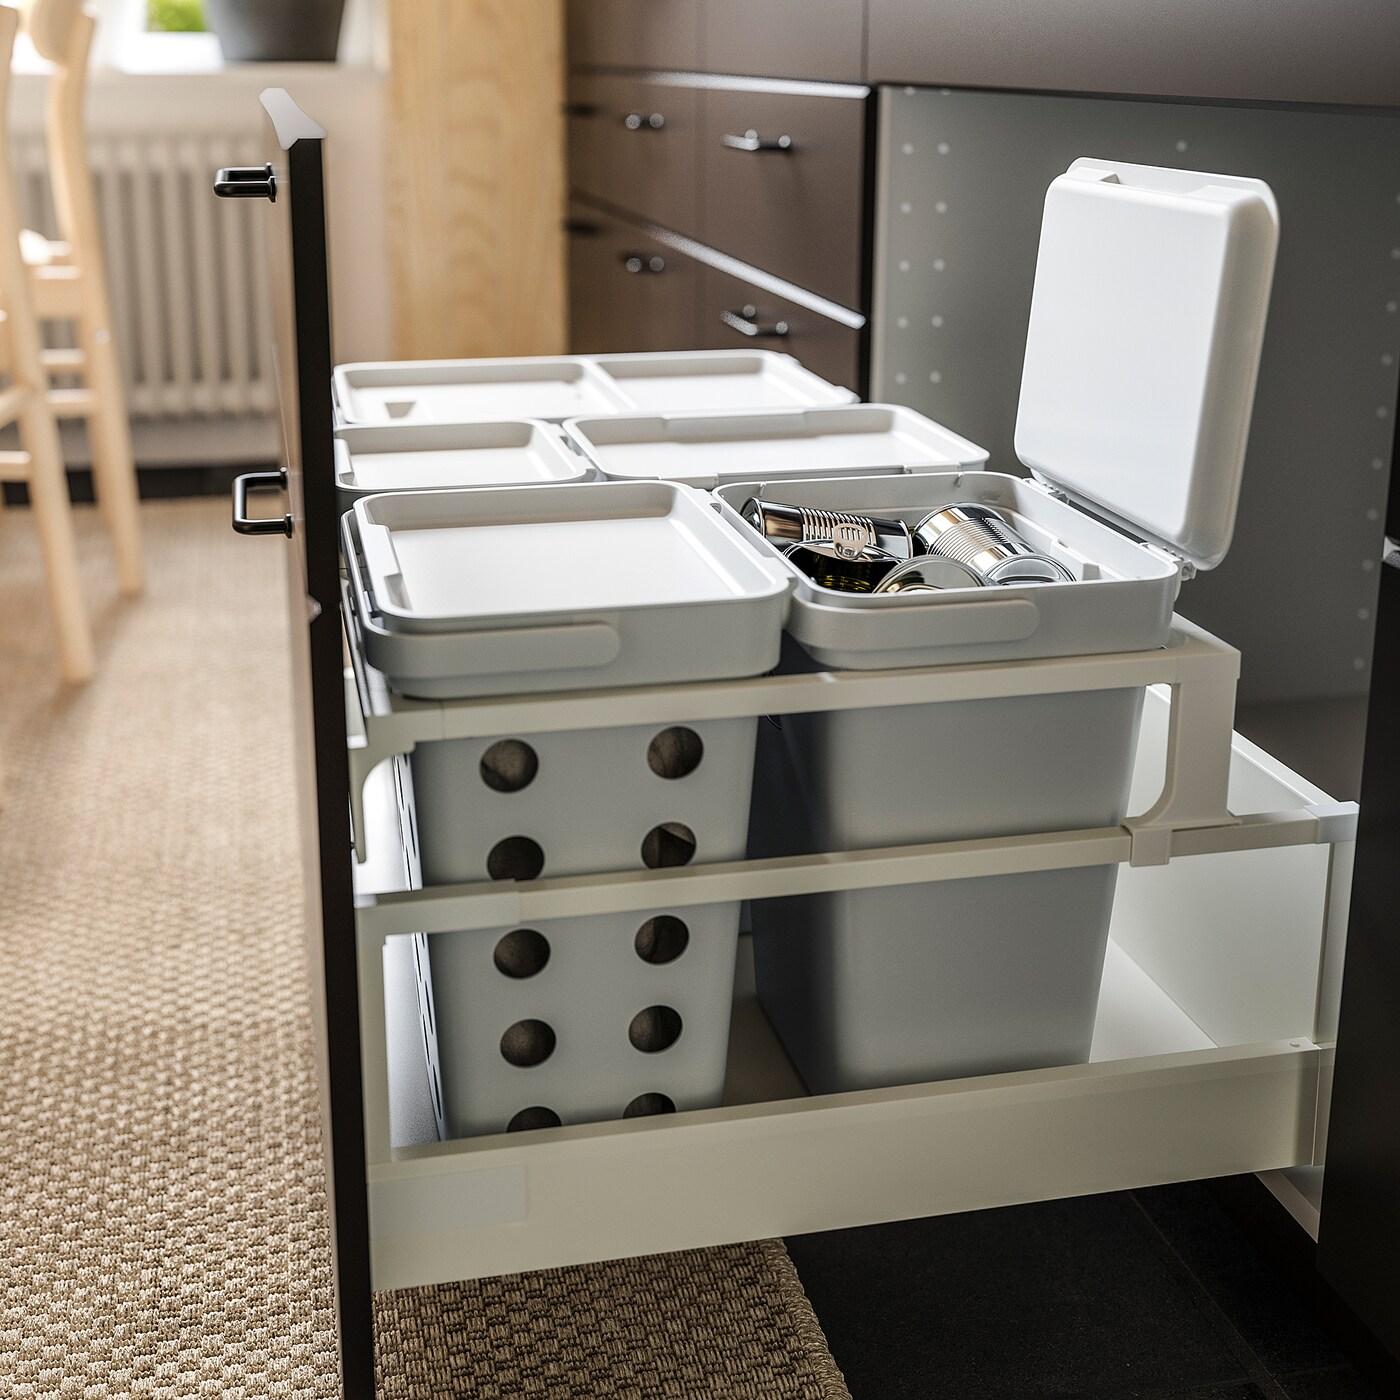 Full Size of Hllbar Behlter Mit Deckel Modulküche Ikea Betten 160x200 Küche Kaufen Miniküche Bei Sofa Schlaffunktion Kosten Abfallbehälter Wohnzimmer Abfallbehälter Ikea